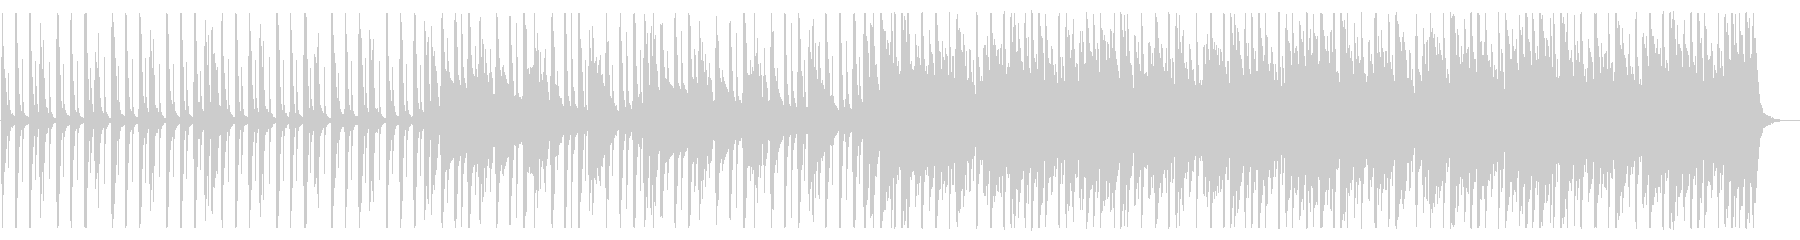 賑やかしくポップなBGM_No617_3の未再生の波形